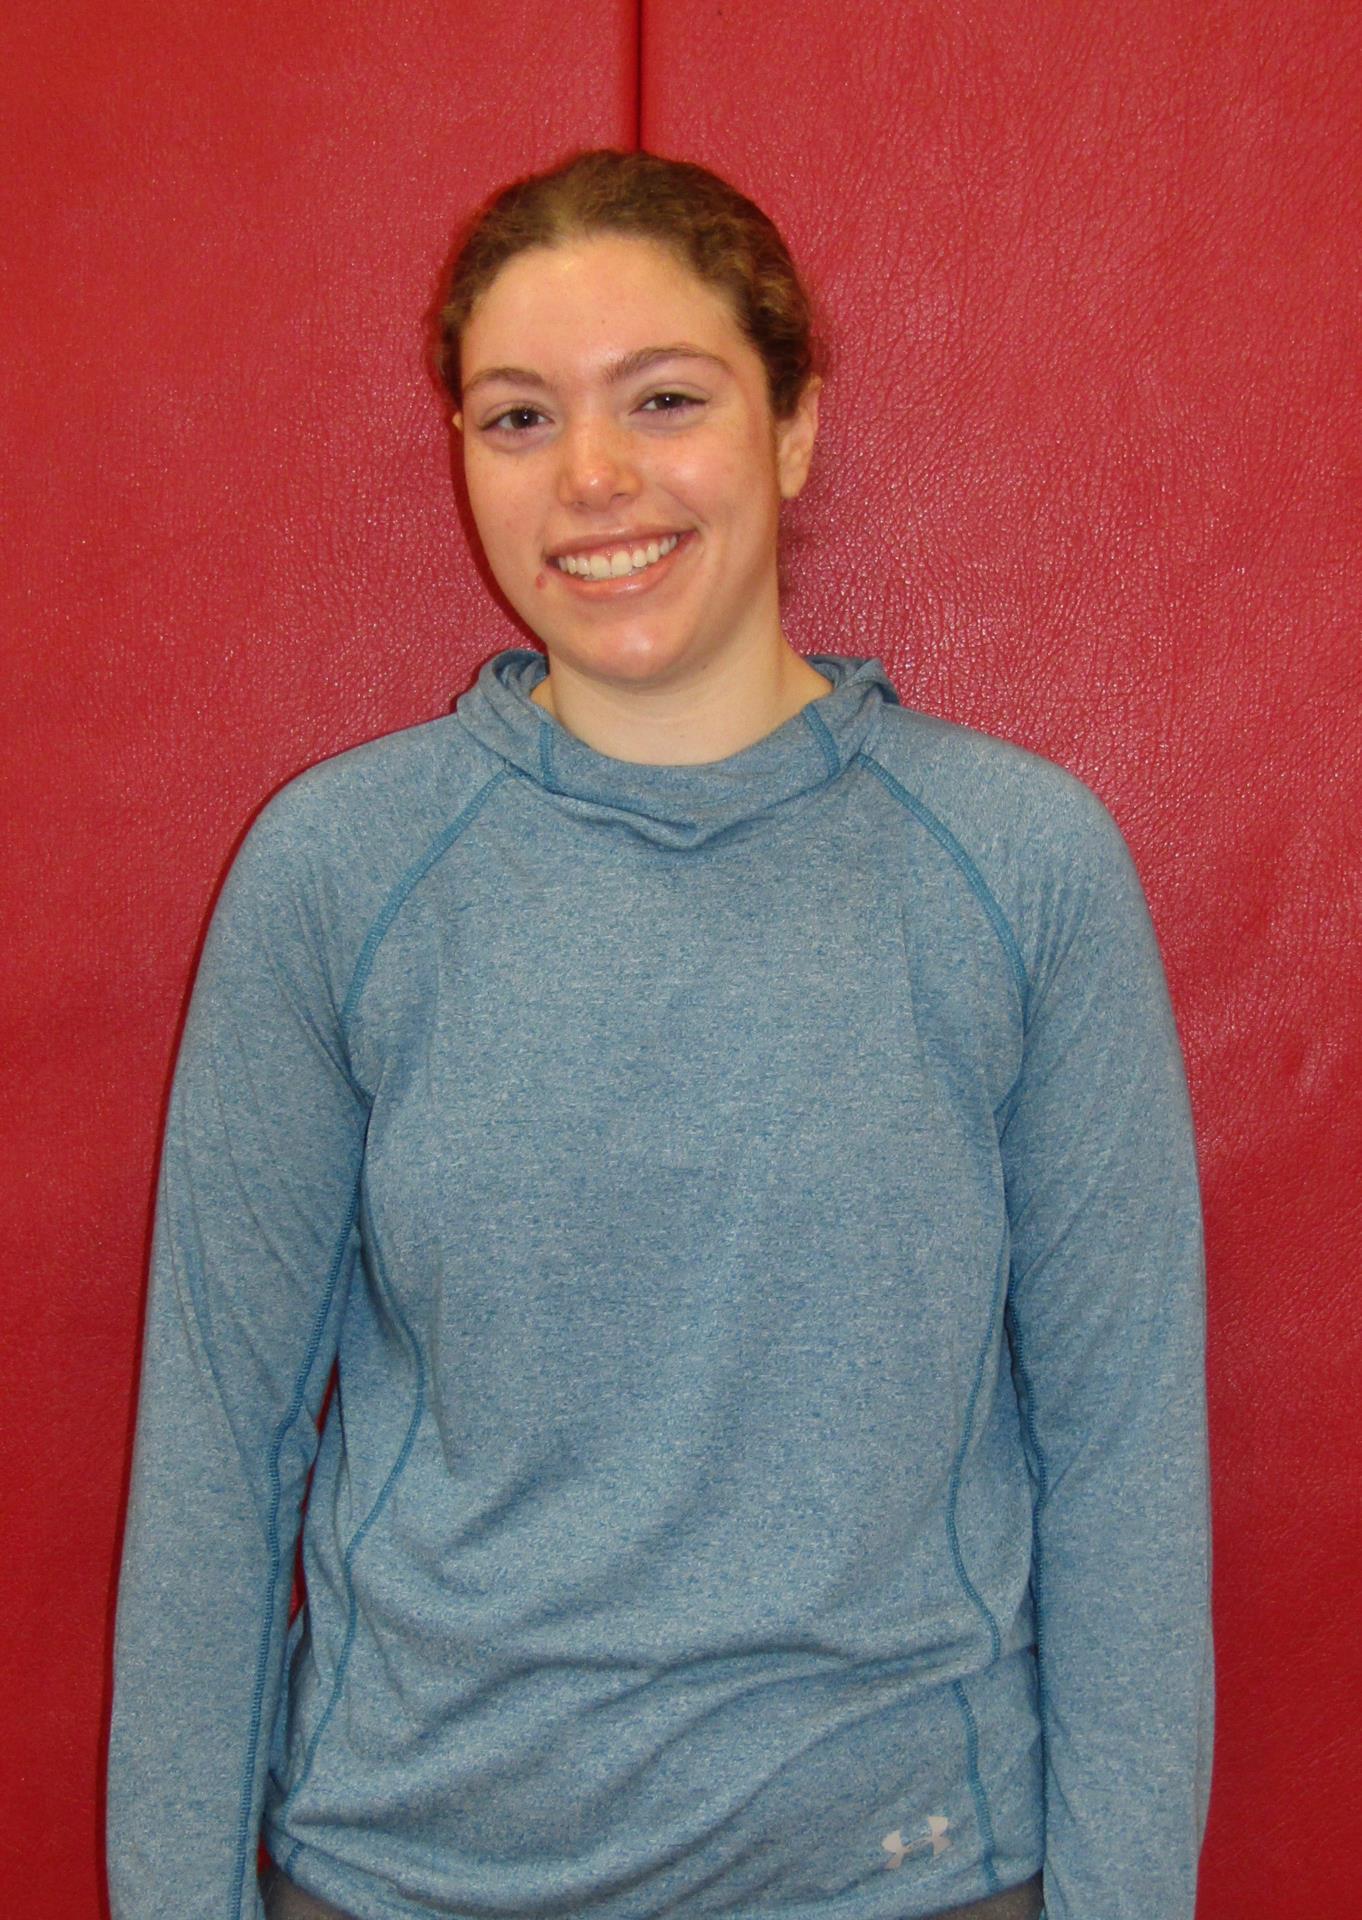 Afton Scholar Athlete